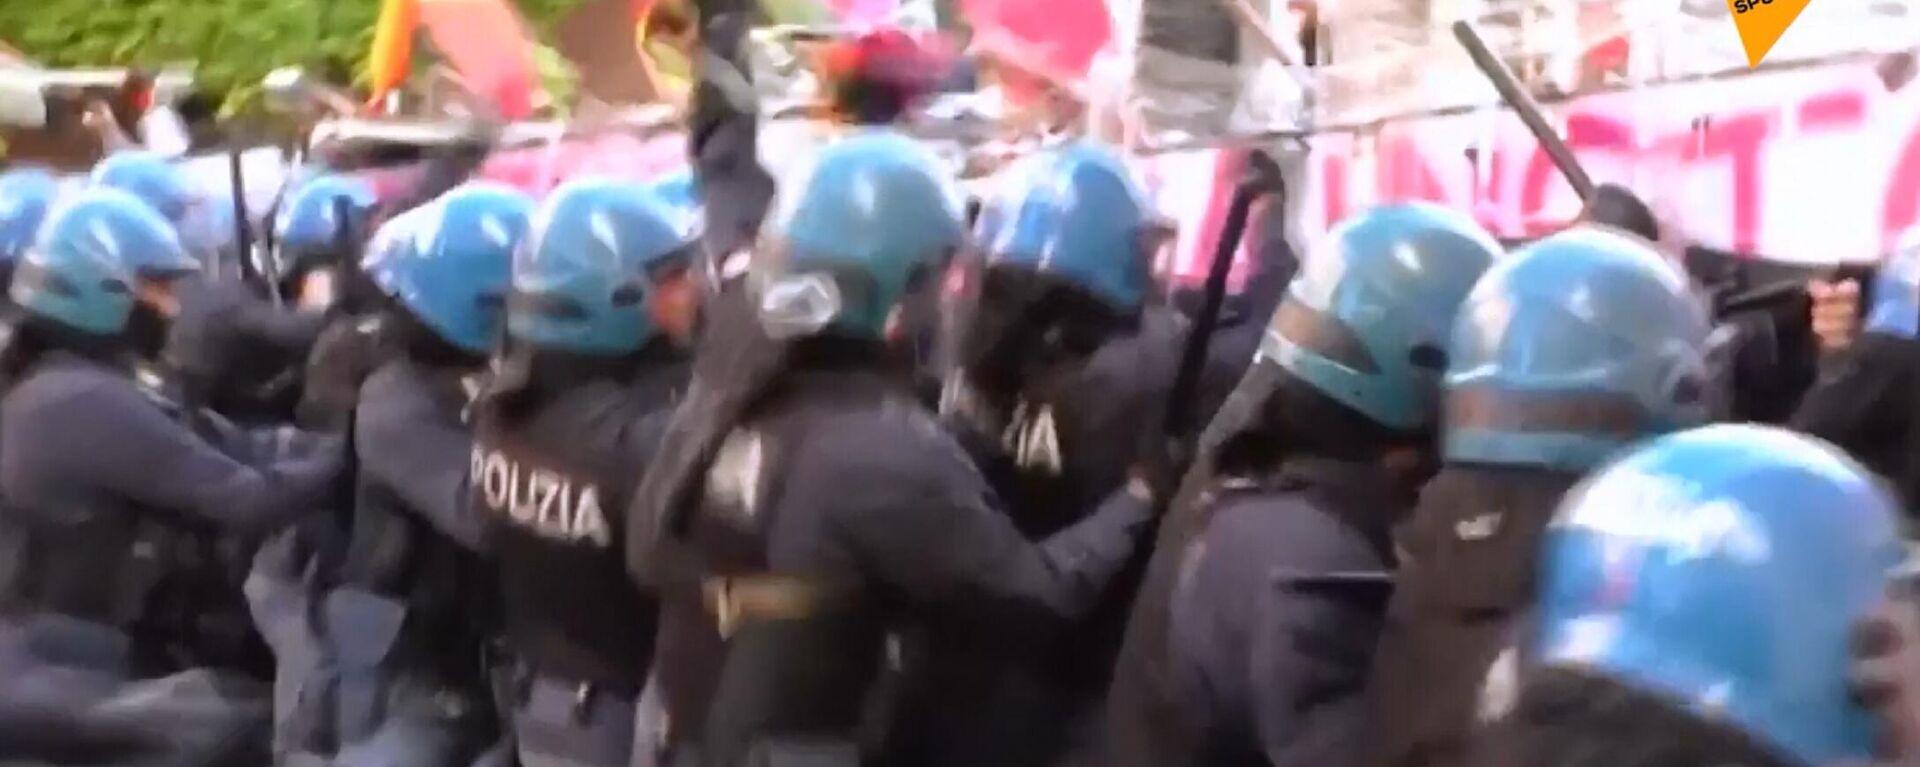 Venezia: scontri tra agenti di polizia e manifestanti durante la protesta contro il G20 - Sputnik Italia, 1920, 11.07.2021